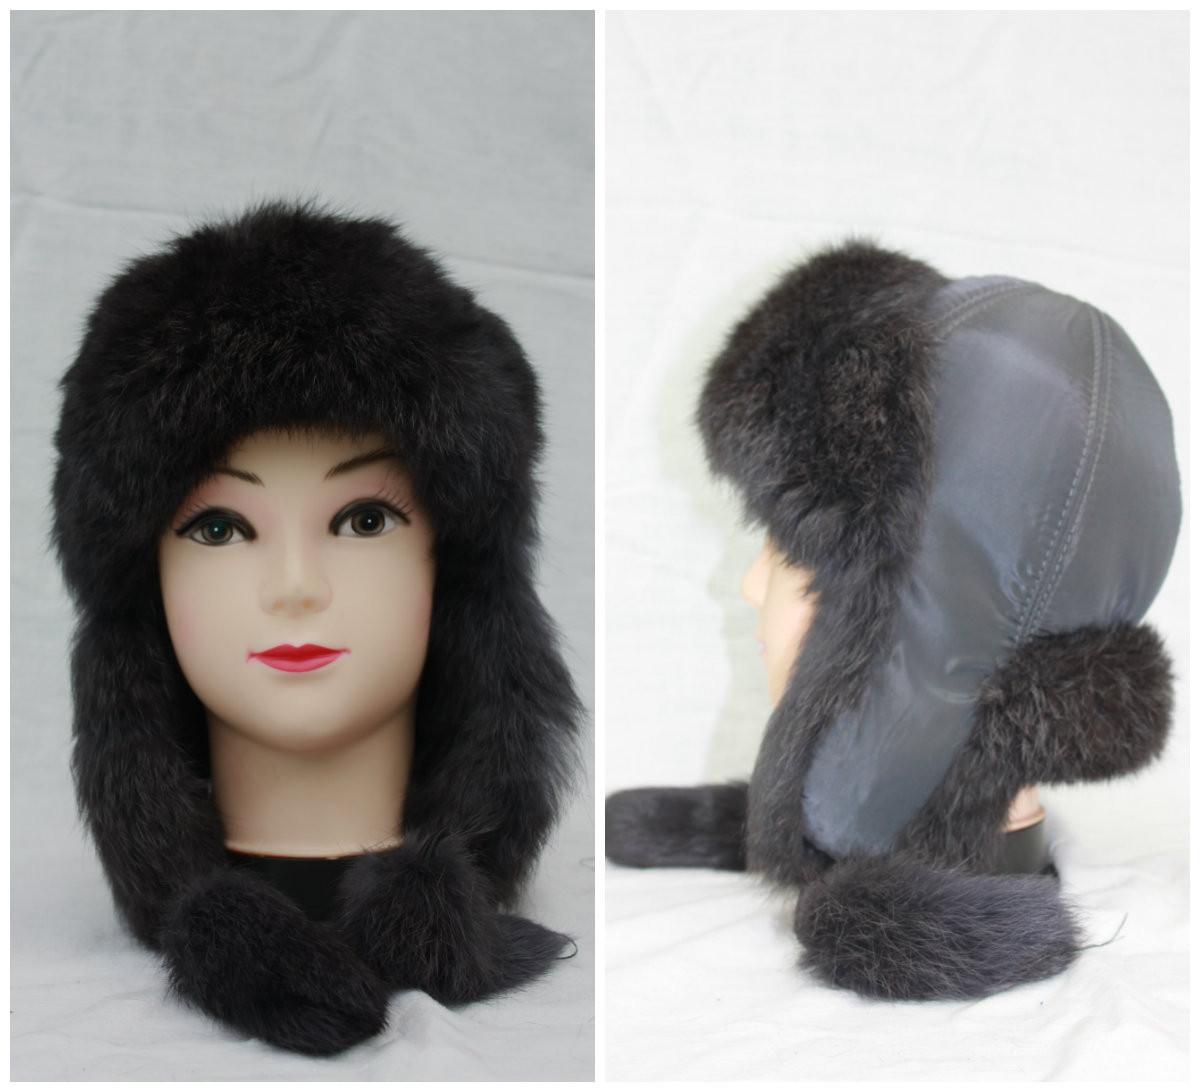 Дитяча хутряна шапка з кролика, хлопчик,вушанка, від виробника, сіра